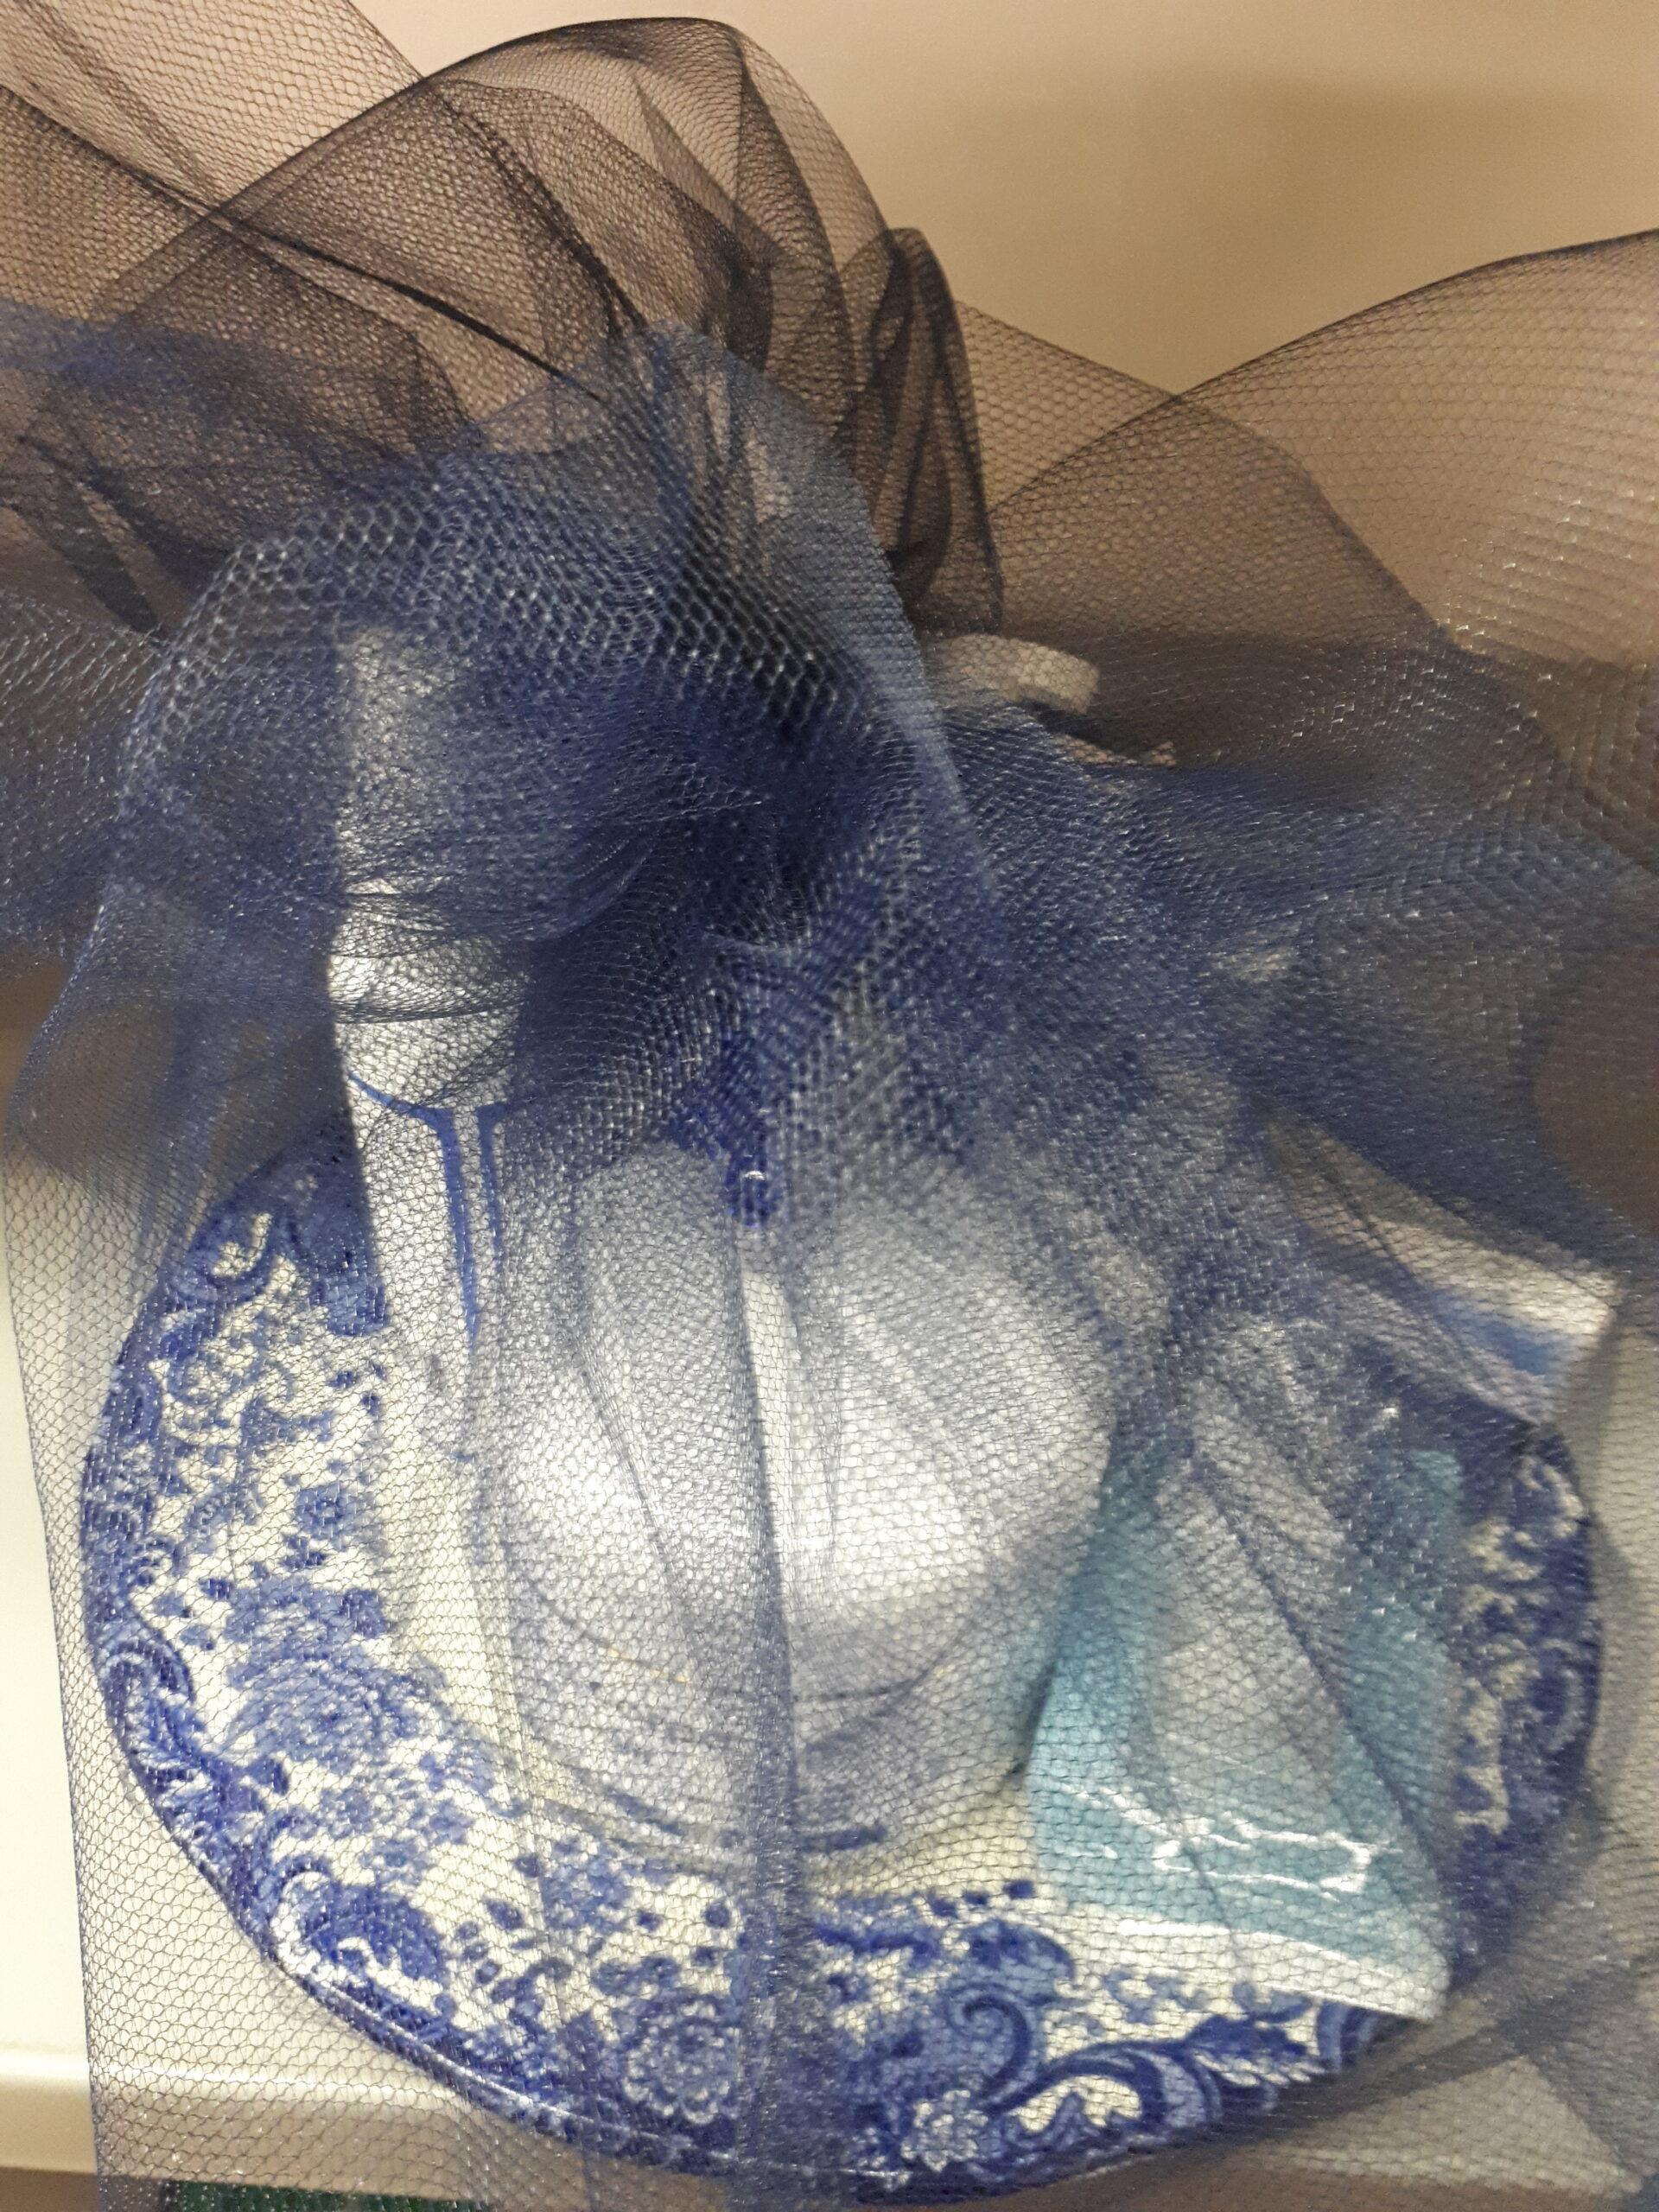 Confezione regalo BLUBIO: piatto decorativo blu confezionato con tulle blu